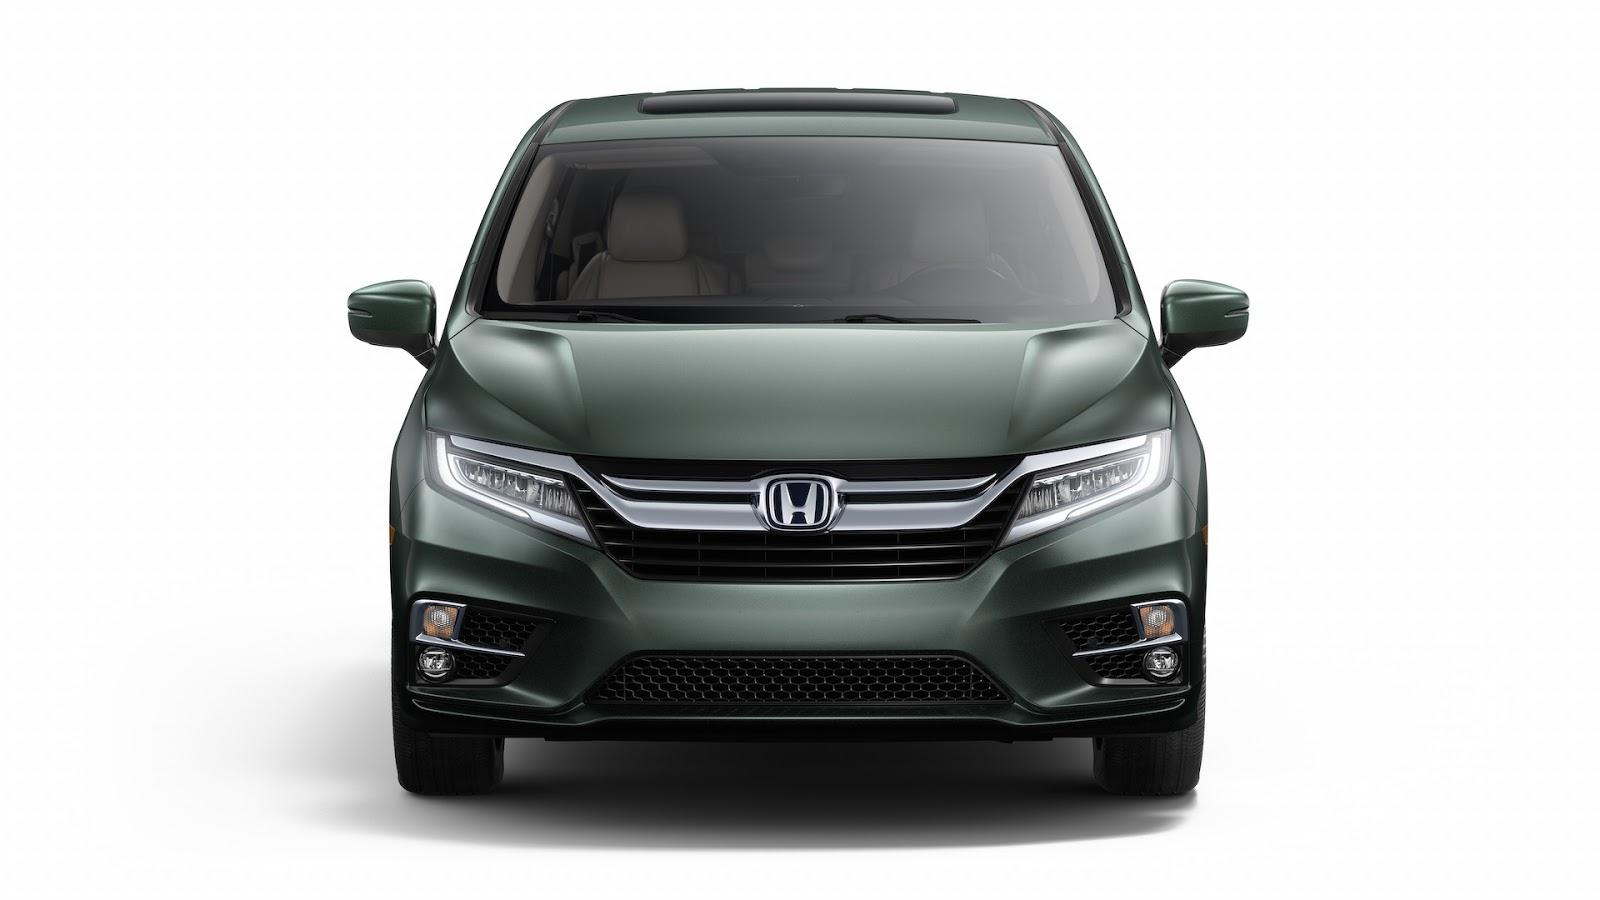 2018_Honda_Odyssey_04